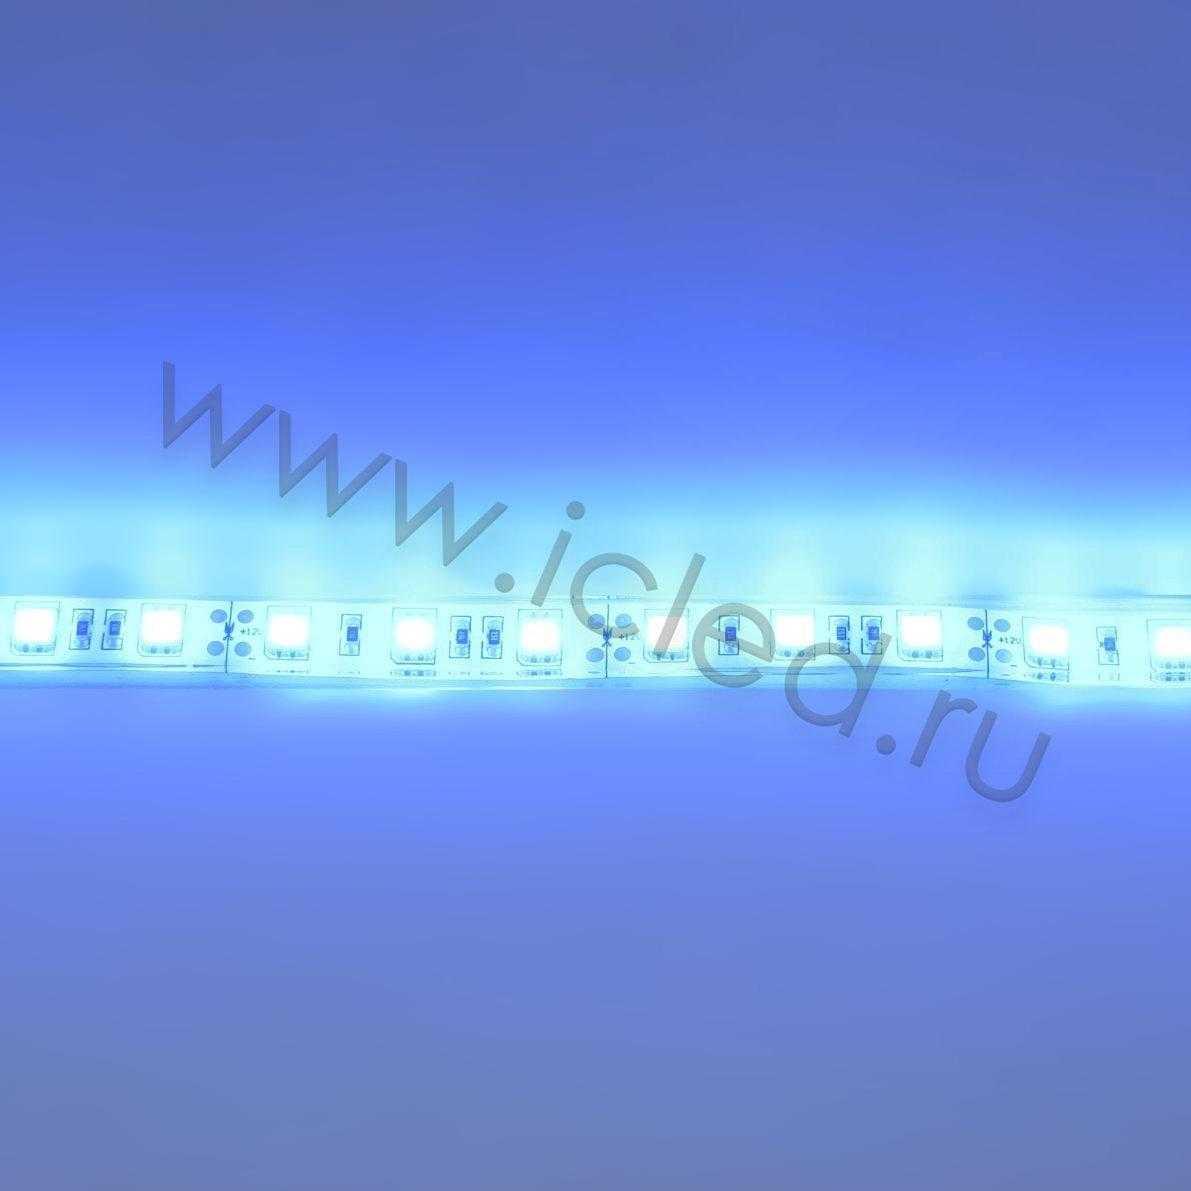 Светодиодная лента Class B, 5050, 60led/m, Blue, 12V, IP68